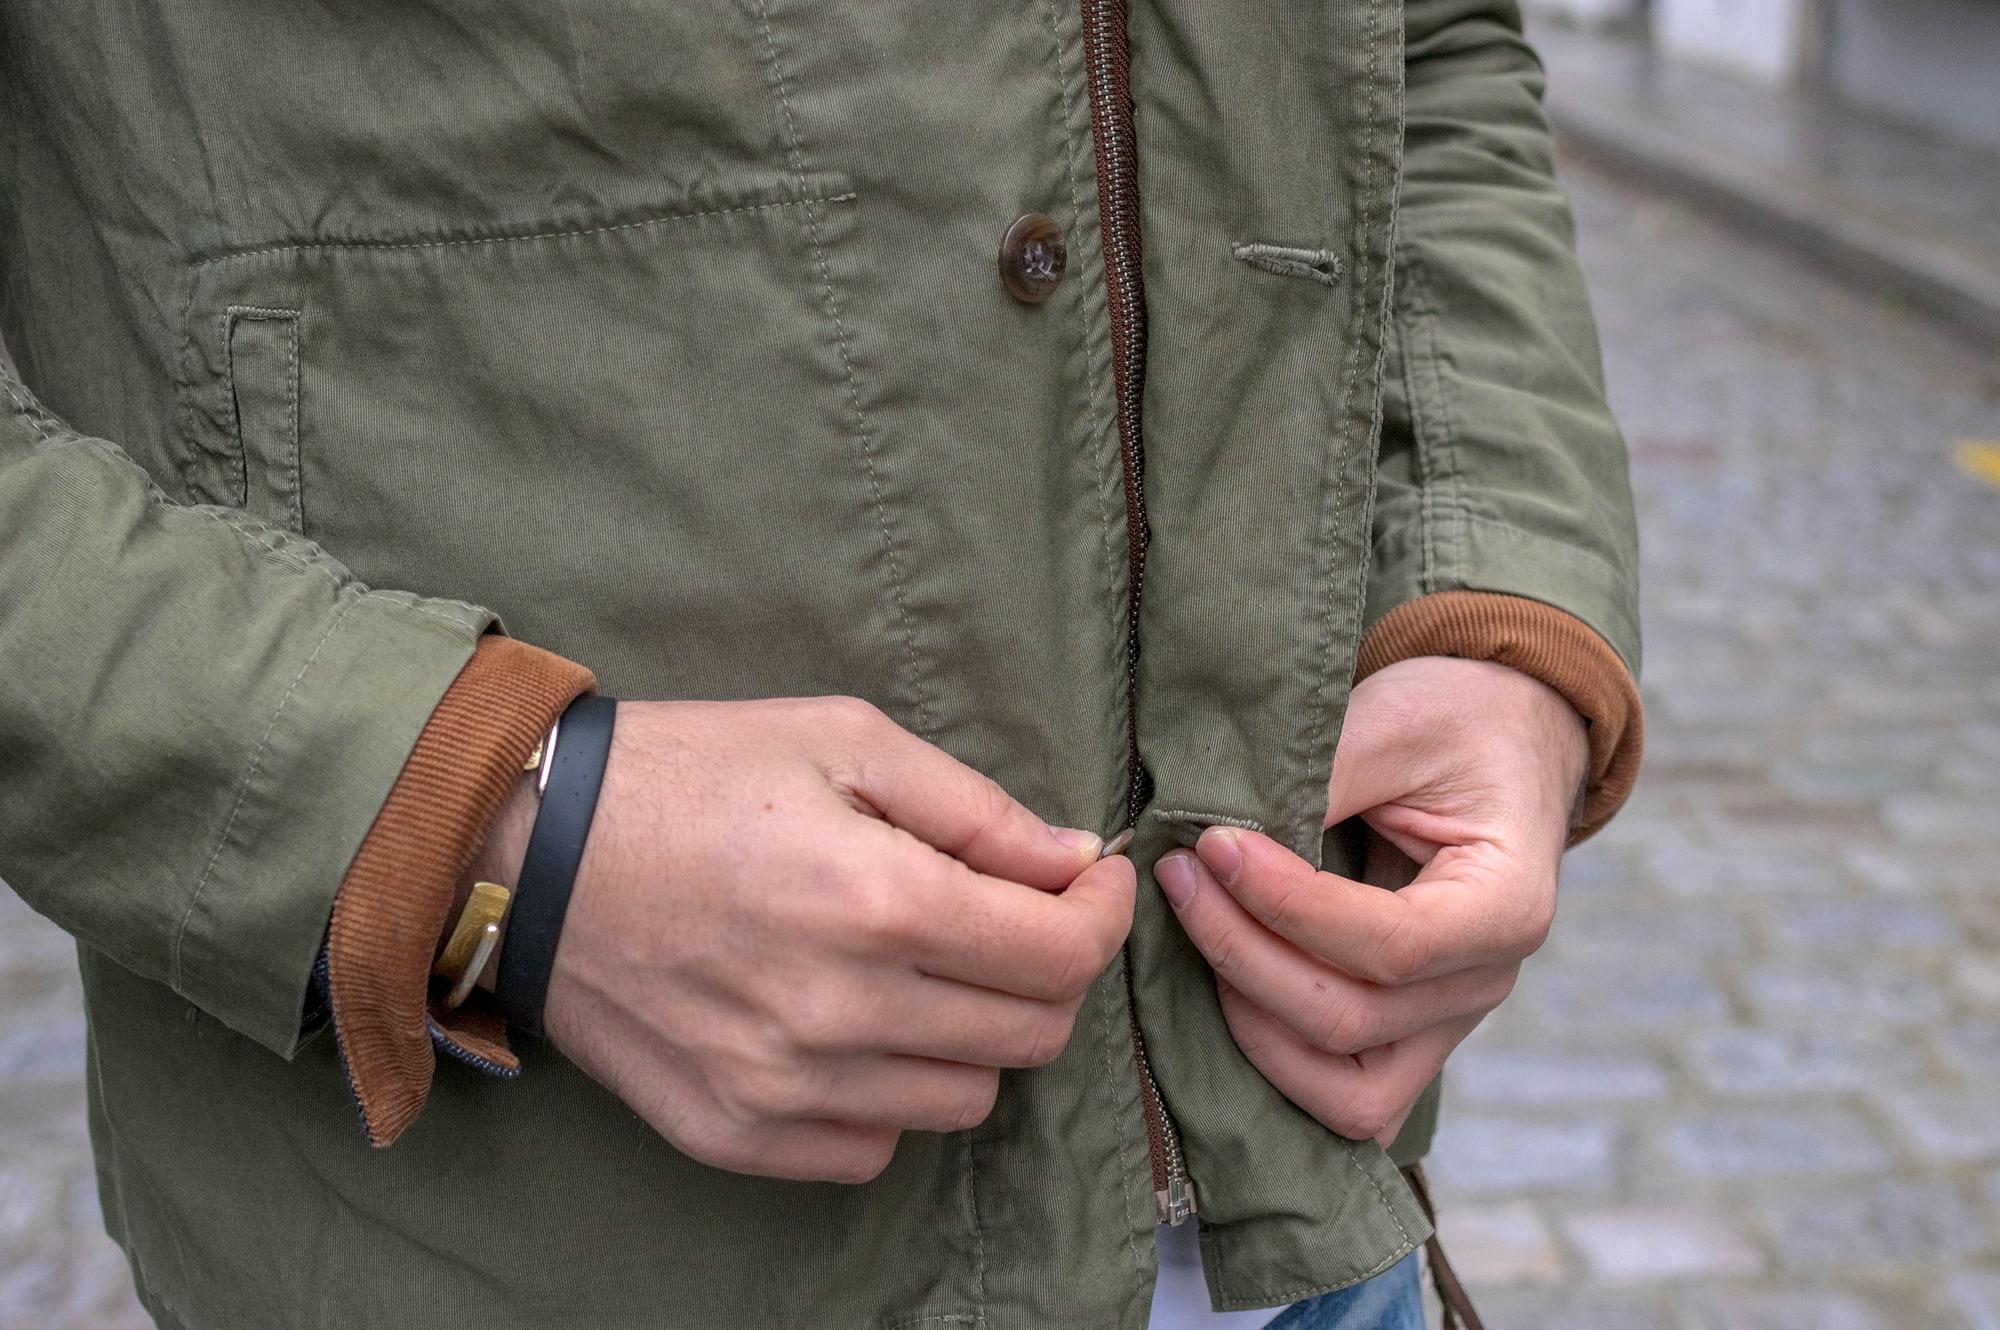 comment faire du layering dans une tenue homme ajusté mais workwear